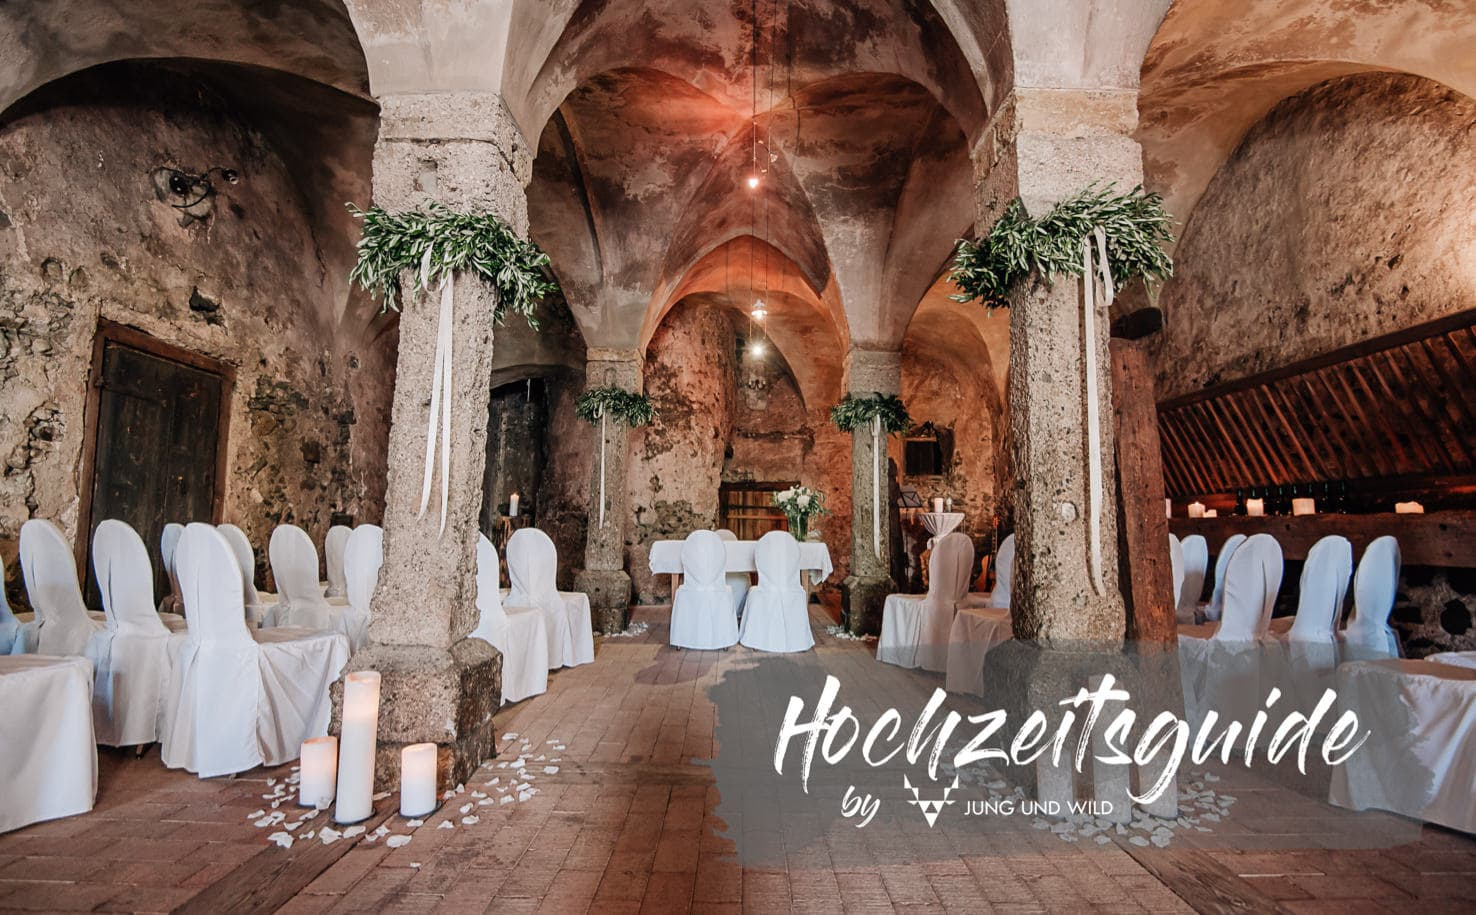 Hochzeitsguide von Jung und Wild design - Standesamt und Feier am gleichen Tag planen